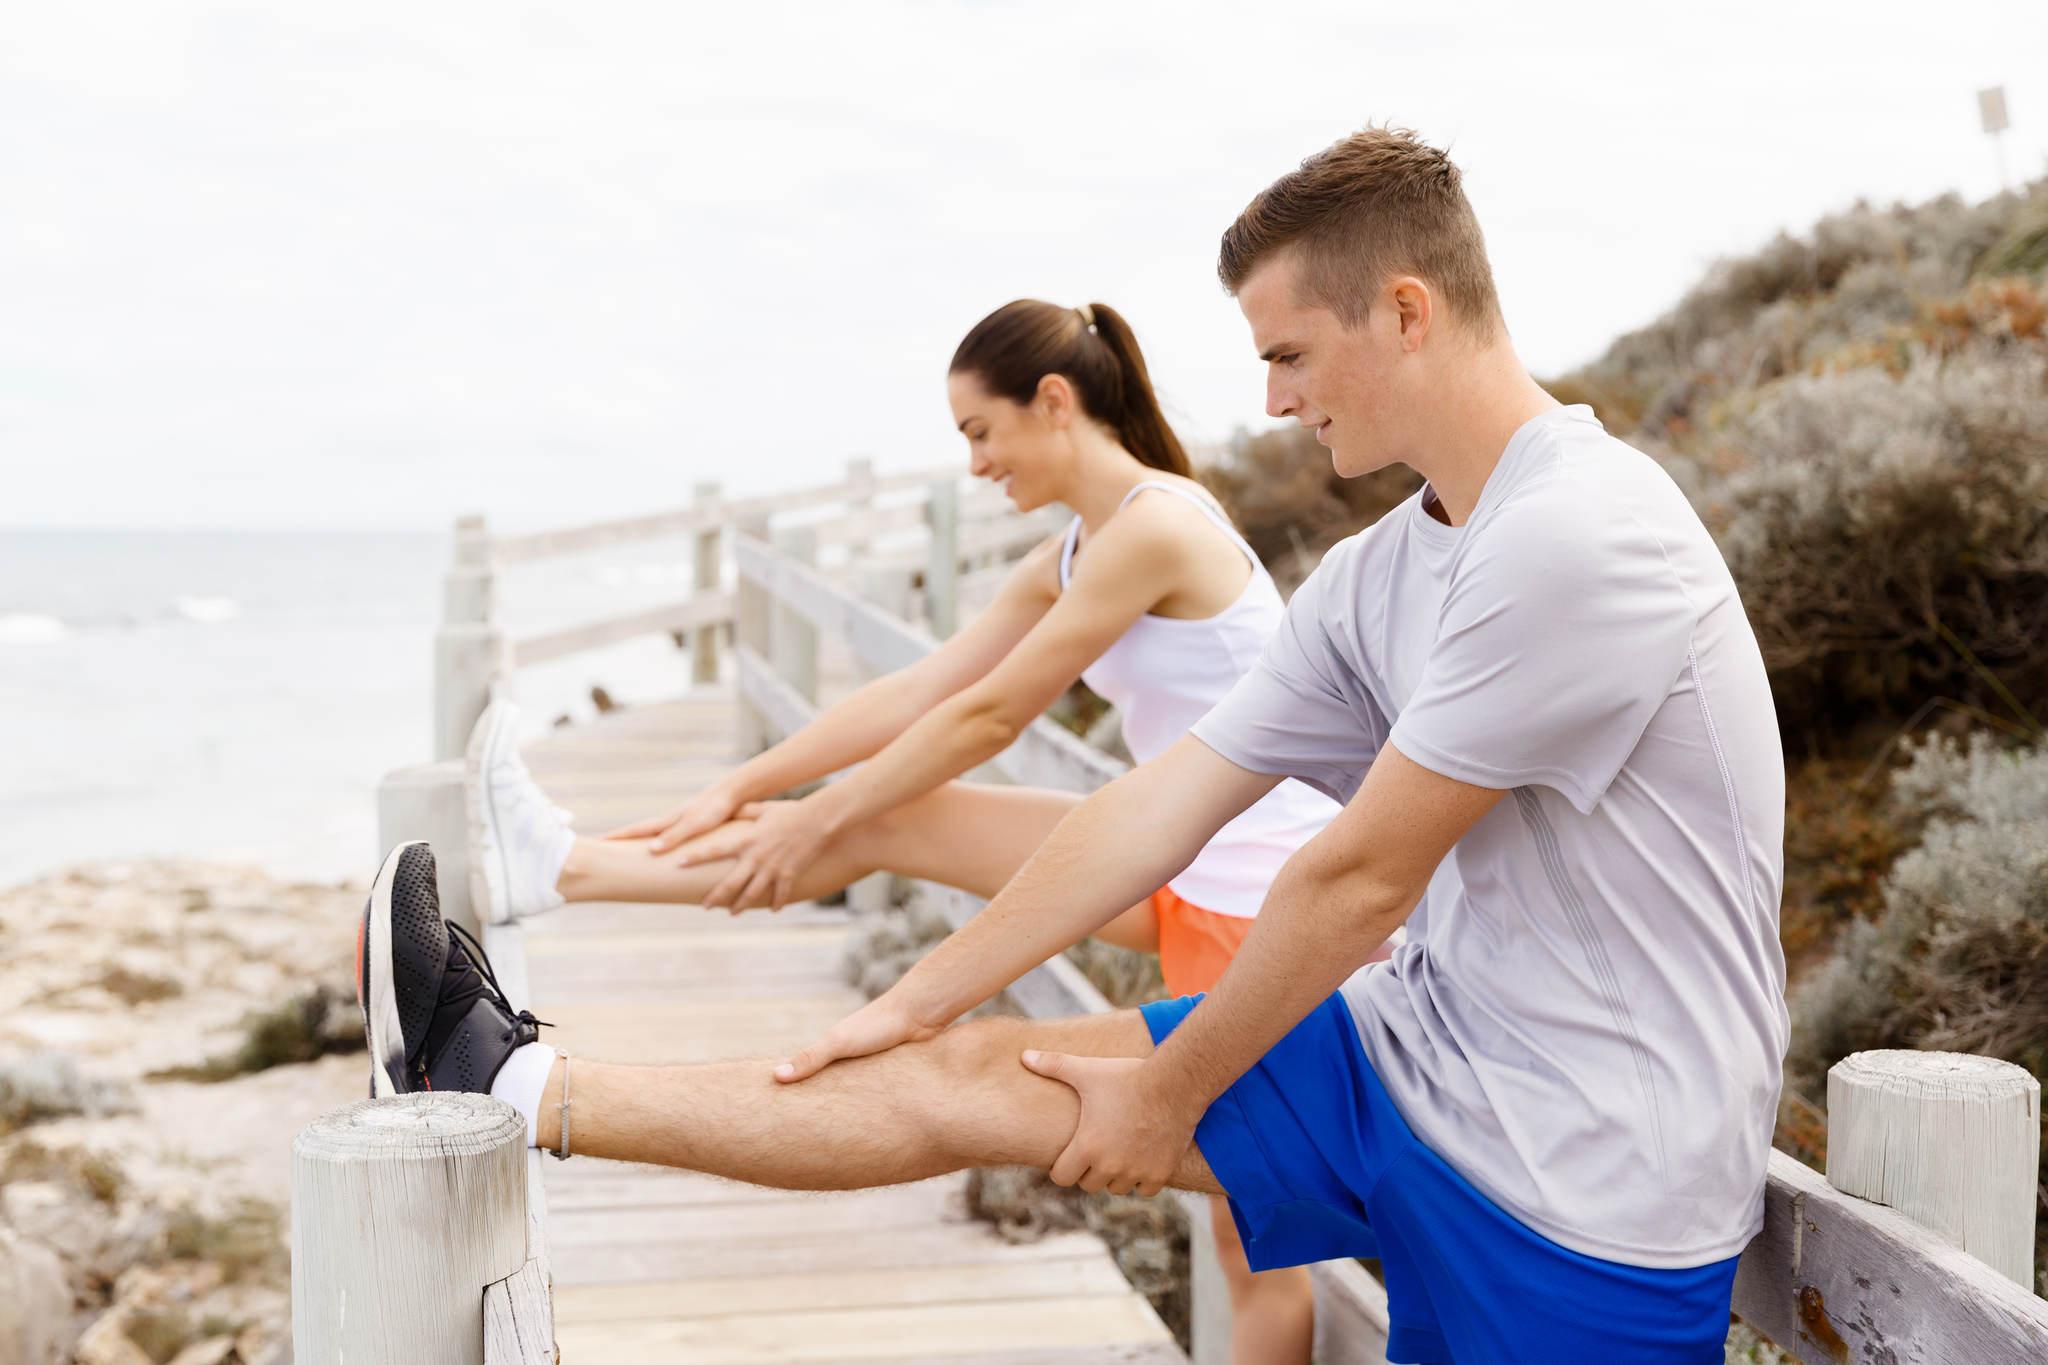 egzersiz yapan insanlar, romatizma ağrıları nasıl geçer